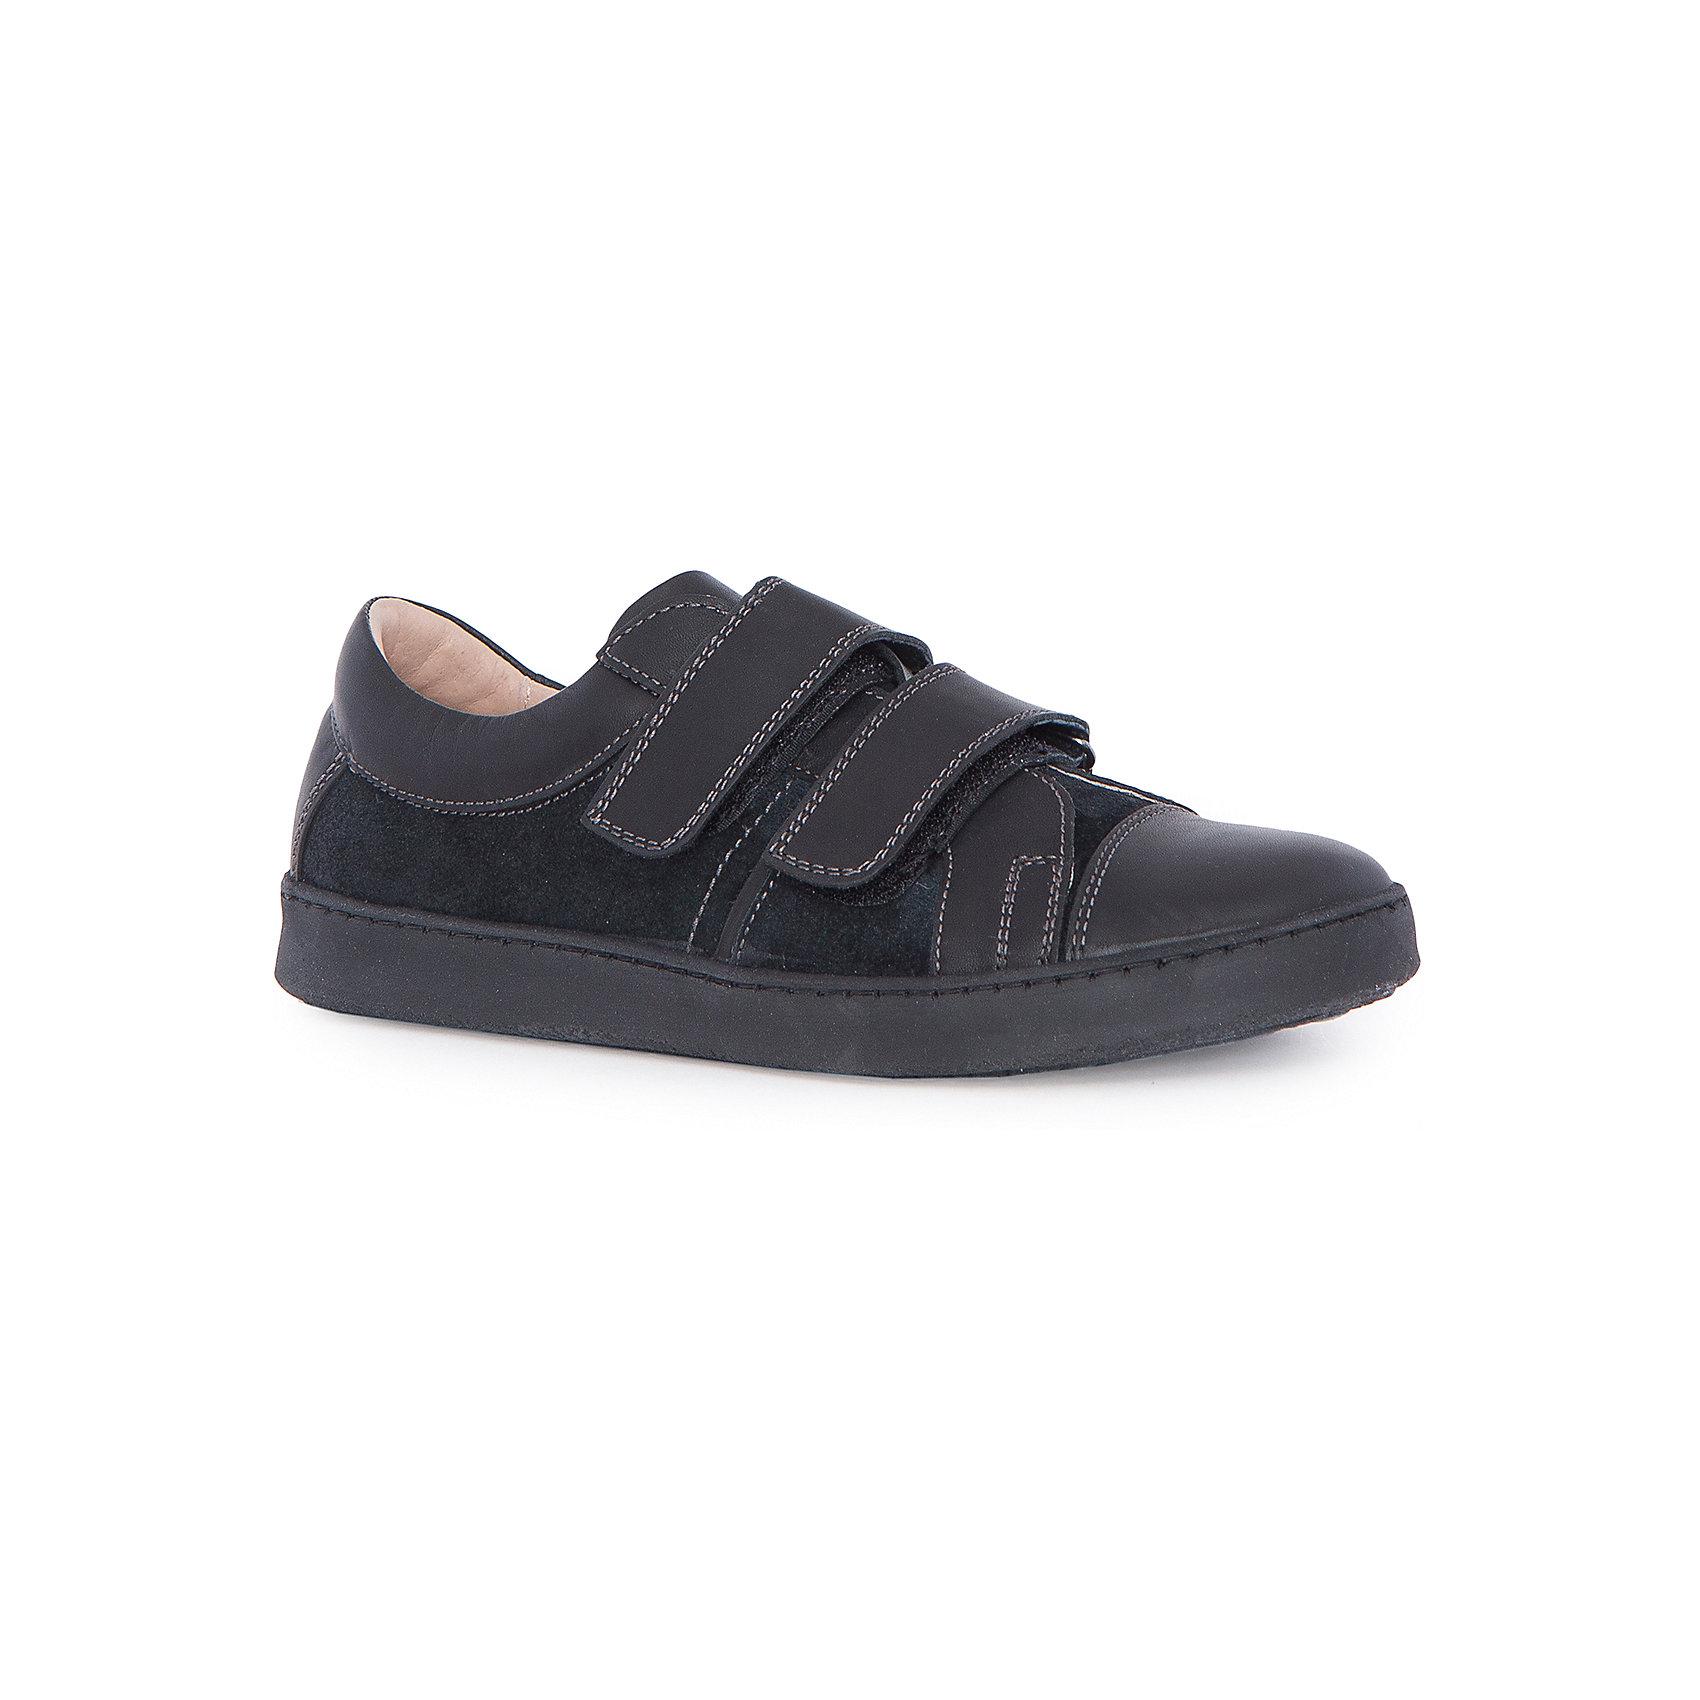 Полуботинки для мальчика GulliverПолуботинки для мальчика от известного бренда Gulliver<br>Выбрать ботинки в школу - задача не из простых! Они должны быть модными и соответствовать необходимым стандартам качества. Черные школьные ботинки в спортивном стиле - то, что нужно! Удобные и практичные, они отлично подойдут для улицы, а также станут оптимальным решением в качестве сменной обуви. Застежка на липучке сэкономит ценное время ученика.<br>Состав: верх: спилок; подкладка: кожа/ текстиль; подошва:ТЭП<br><br>Ширина мм: 262<br>Глубина мм: 176<br>Высота мм: 97<br>Вес г: 427<br>Цвет: черный<br>Возраст от месяцев: 144<br>Возраст до месяцев: 156<br>Пол: Мужской<br>Возраст: Детский<br>Размер: 36,37,35,34,32,33<br>SKU: 4767316